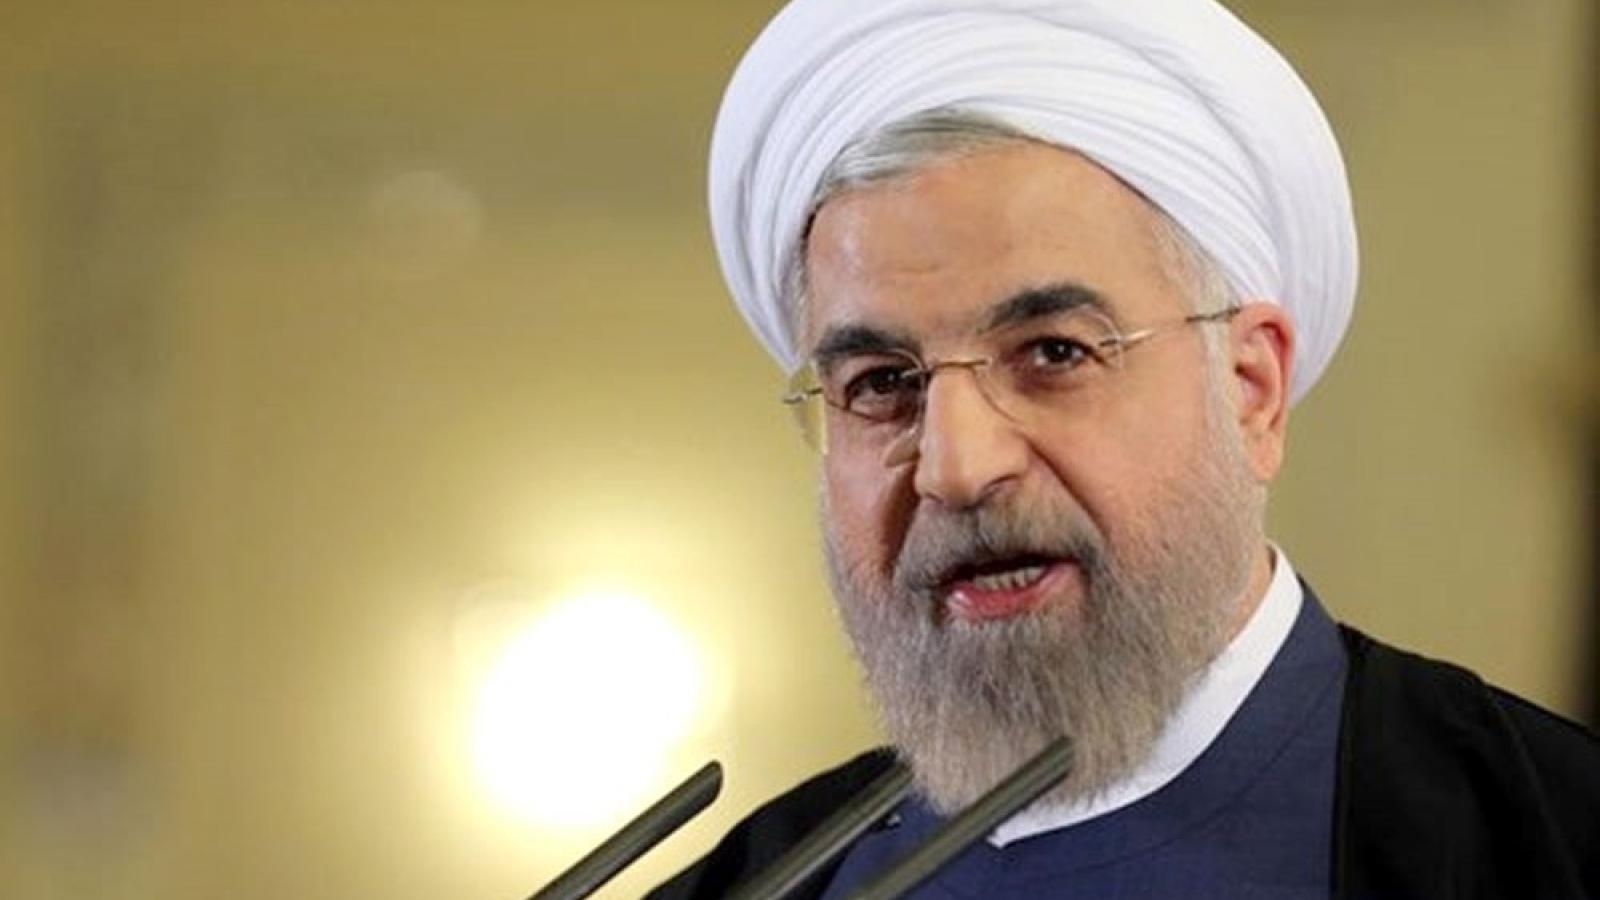 Tổng thống Iran: tên lửa mới chế tạo để phòng vệ, không phải gây hấn